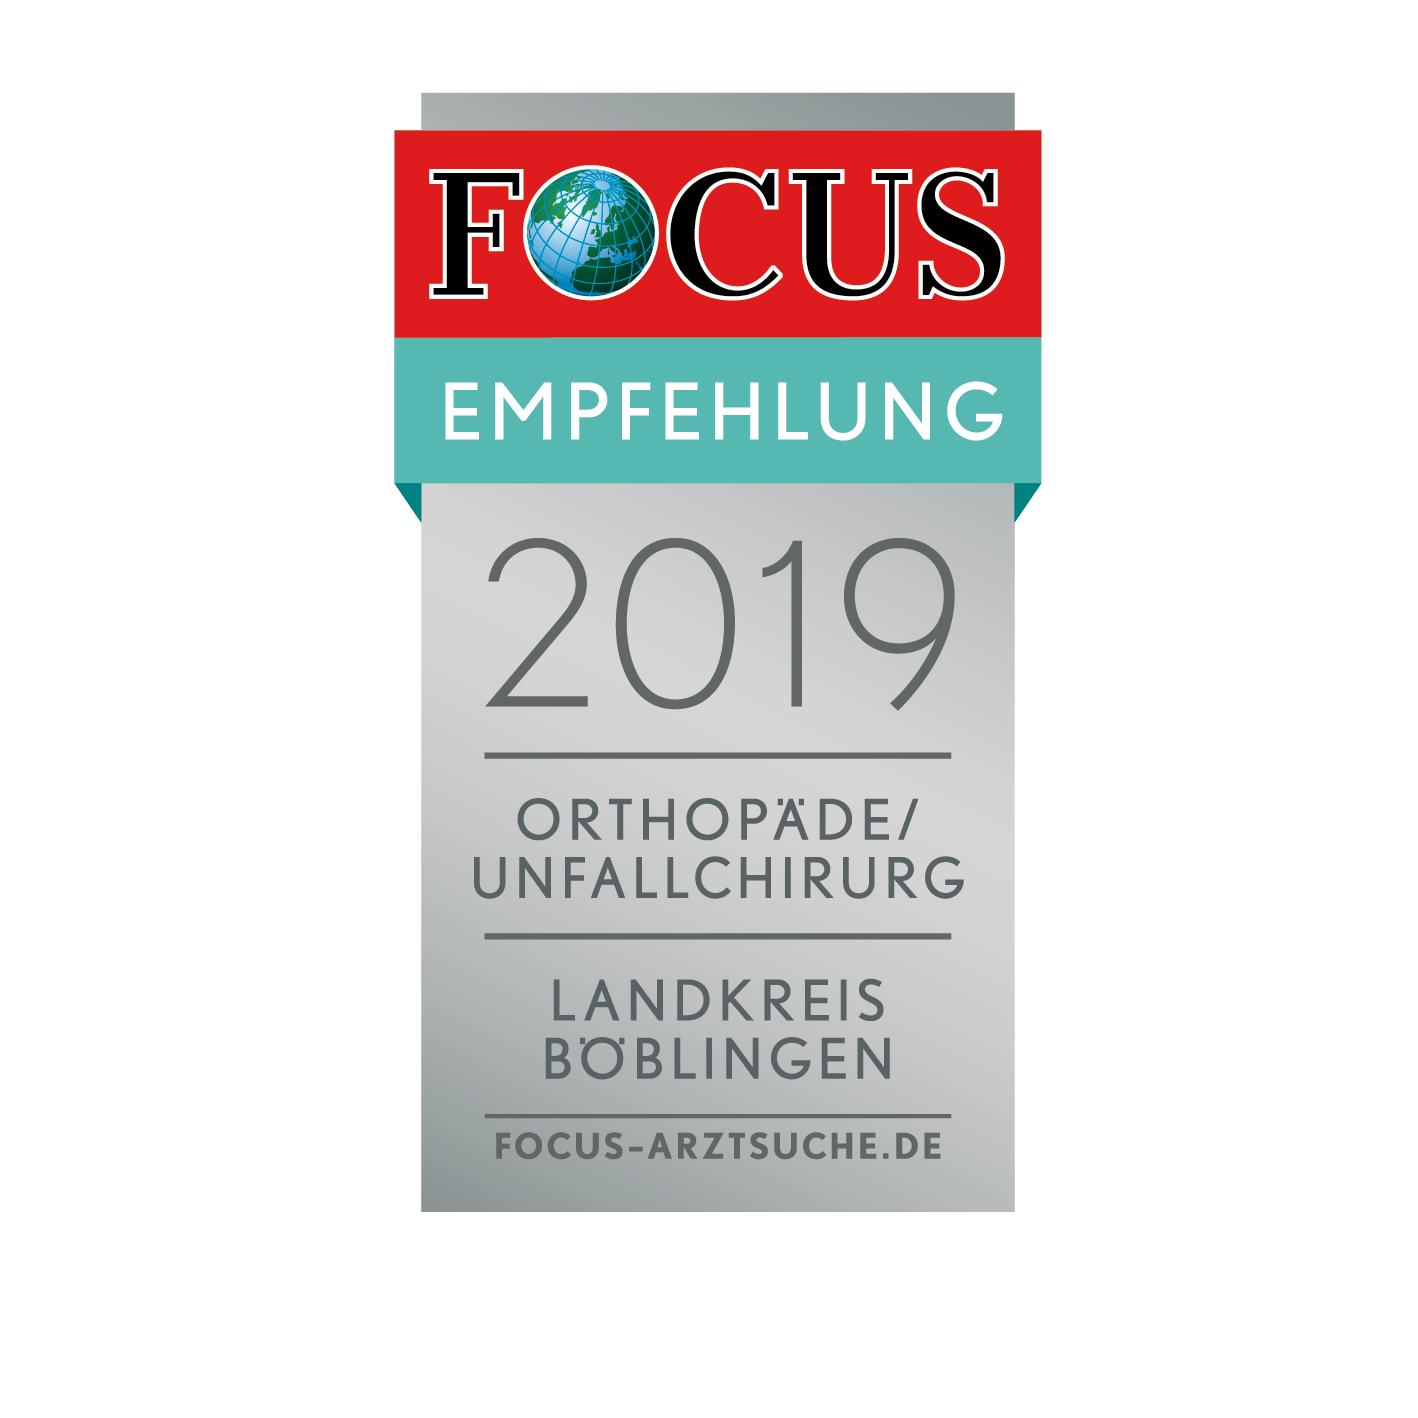 Dr. Ivo Breitenbacher Regionalsiegel Focus Empfehlung Orthopäde/Unfallchirurg Landkreis Böblingen